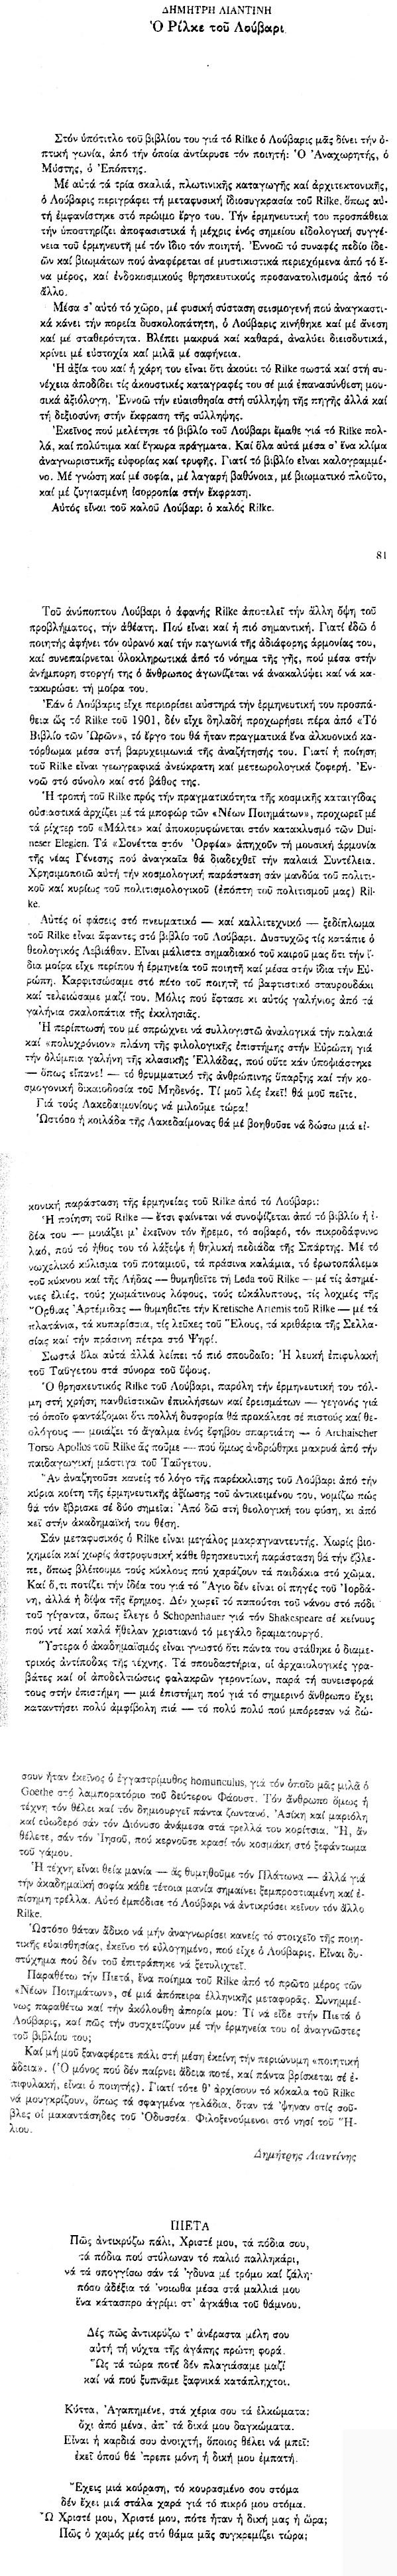 Liantinis - Louvaris